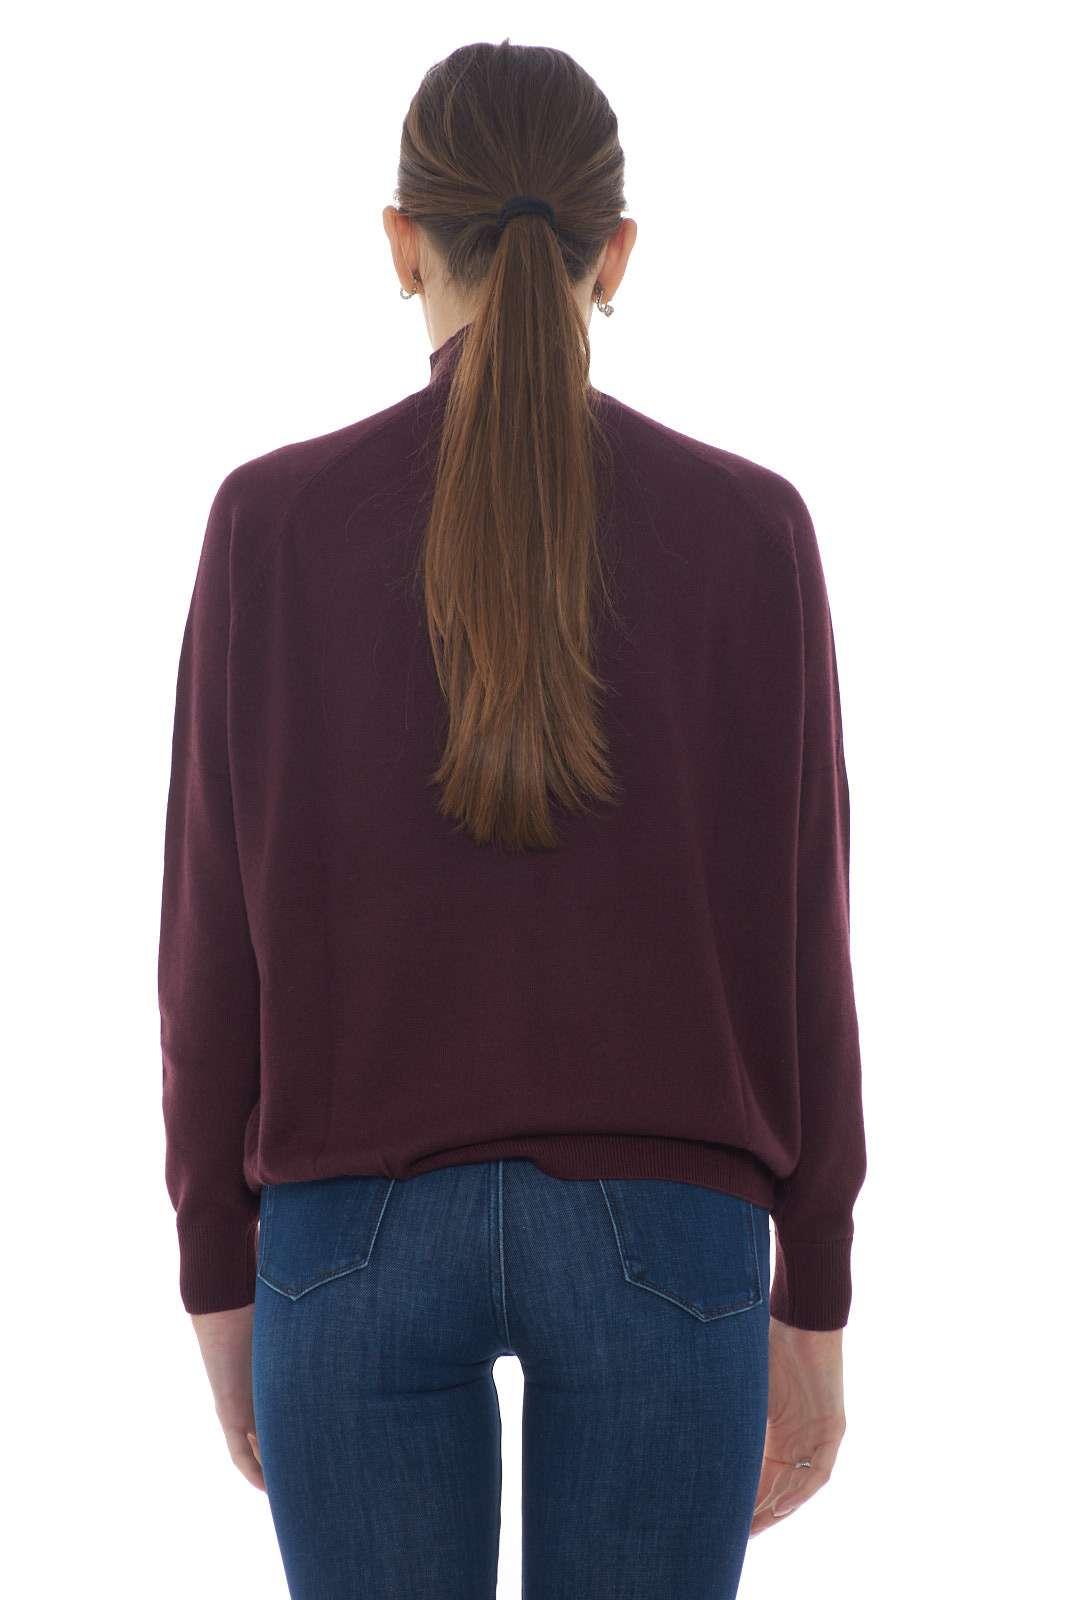 https://www.parmax.com/media/catalog/product/a/i/AI-outlet_parmax-maglia-donna-Pinko-1G147L-C.jpg